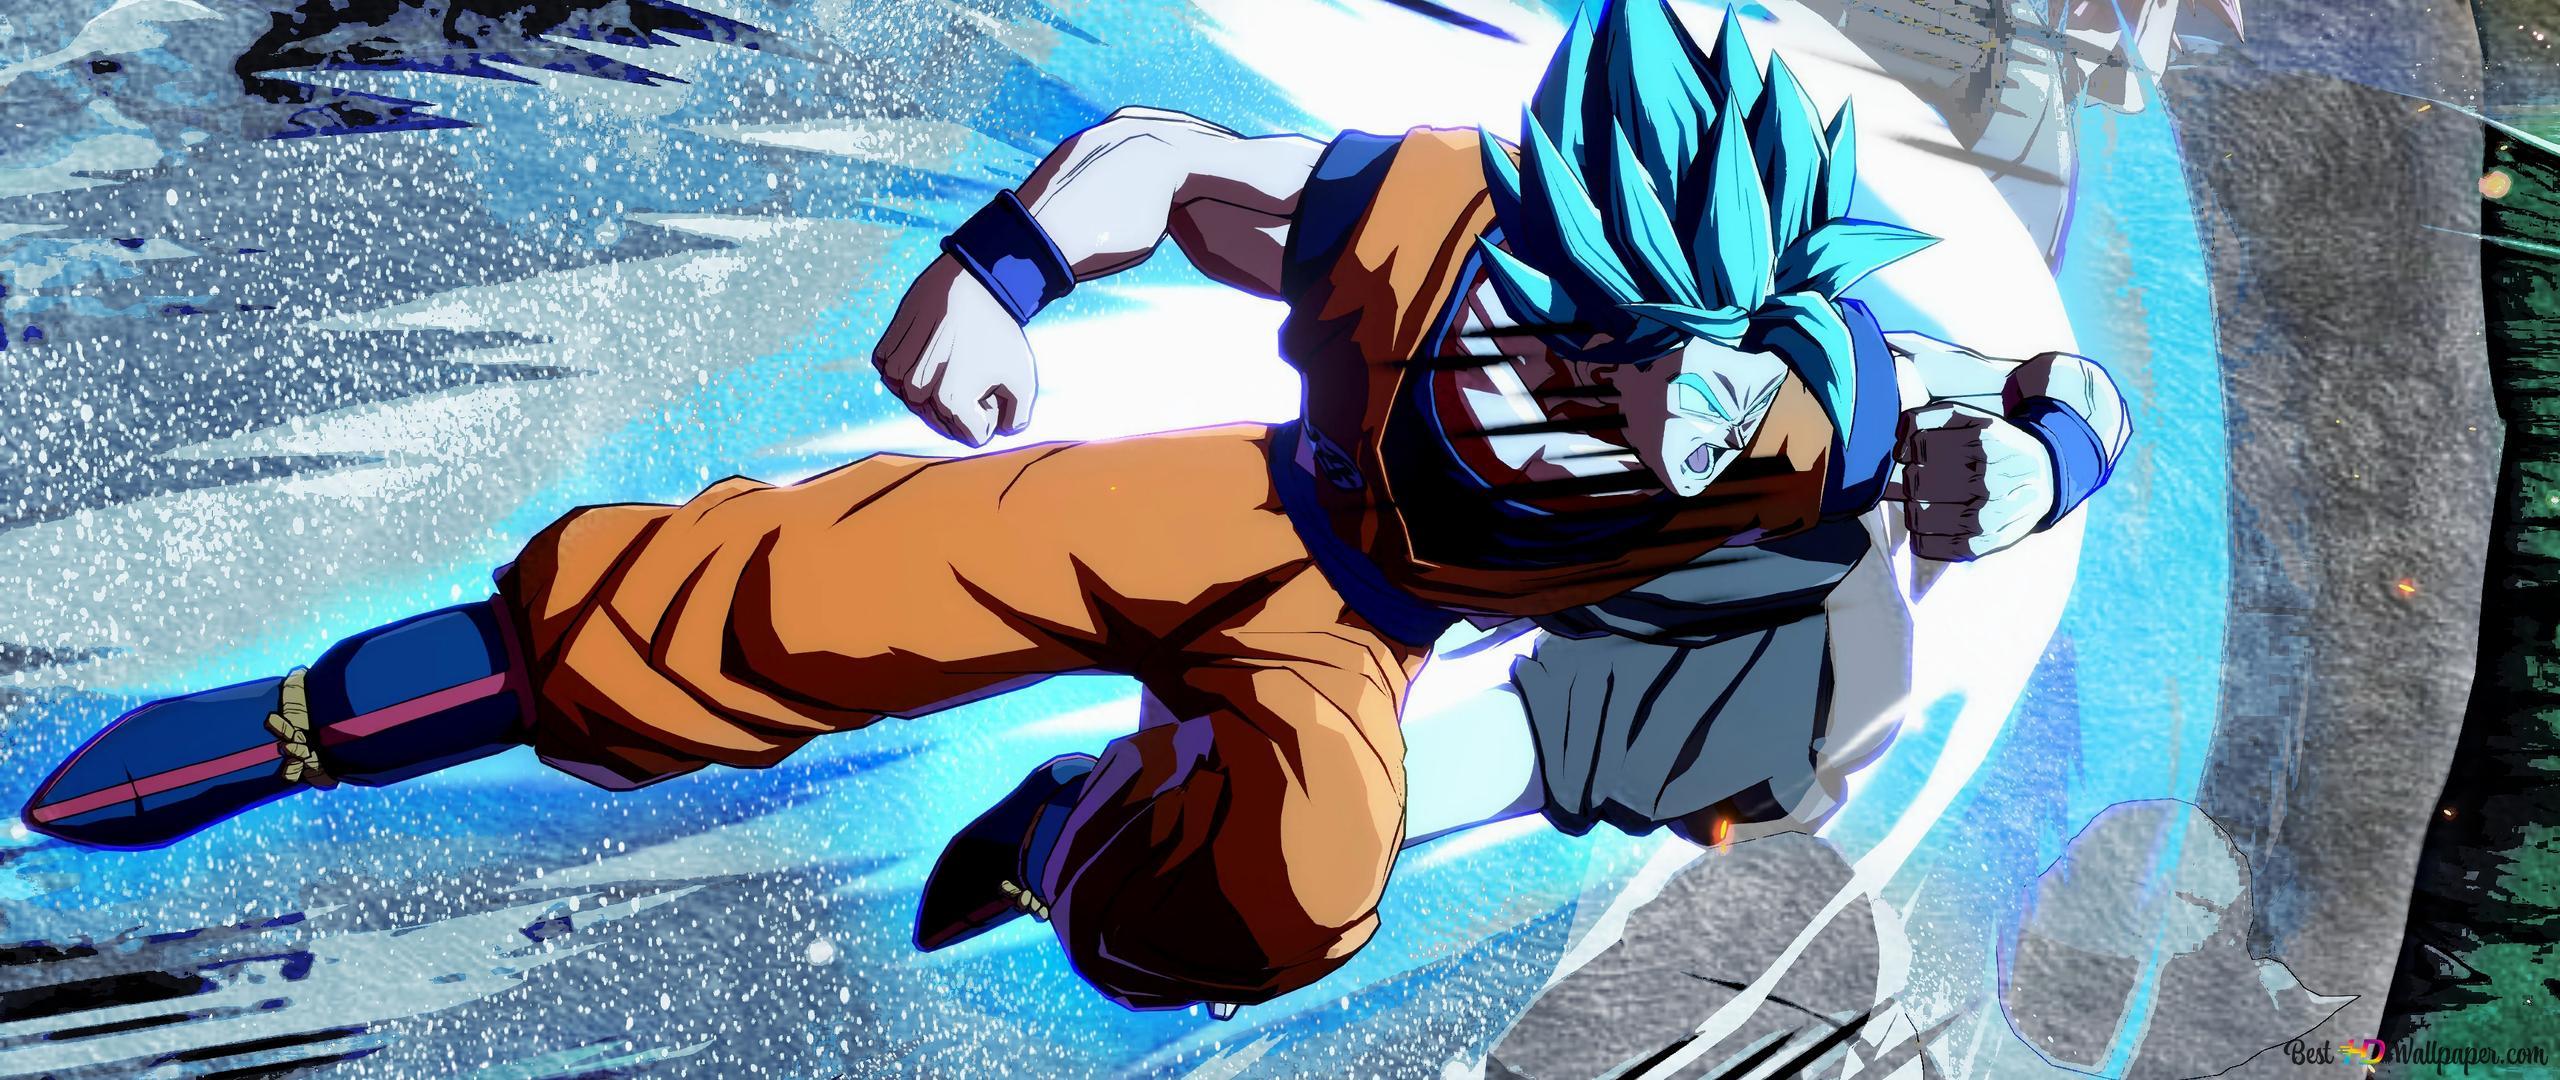 Descargar Fondo De Pantalla Goku Azul Super Saiyan Hd